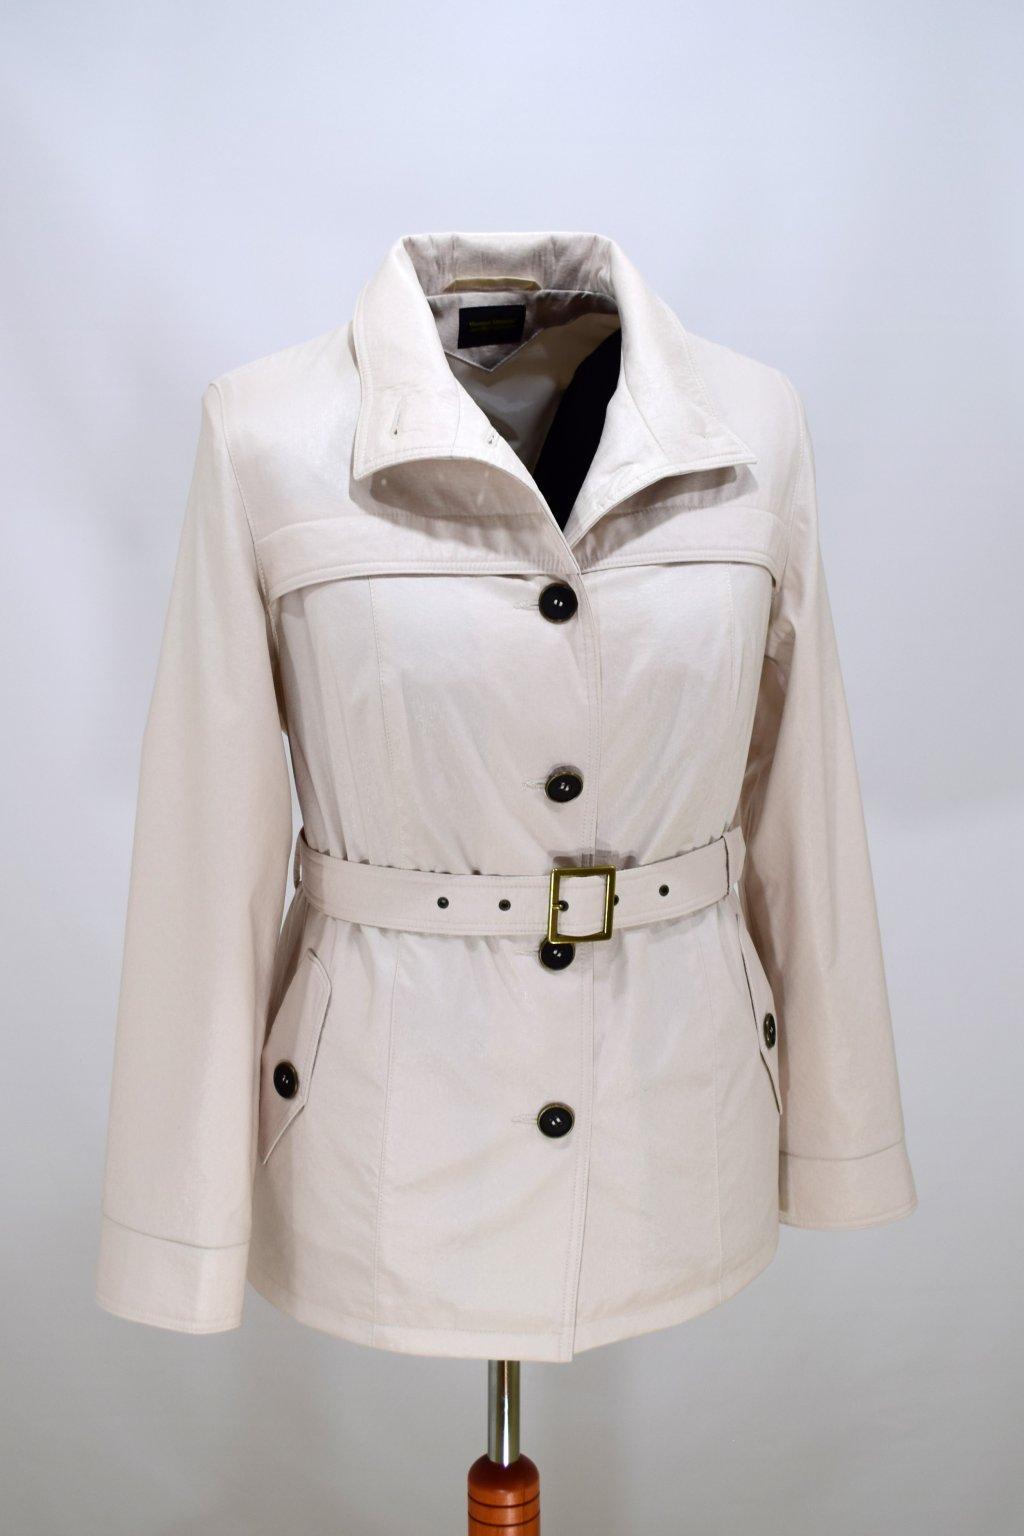 Dámský smetanový jarní kabátek Laura nadměrné velikosti.